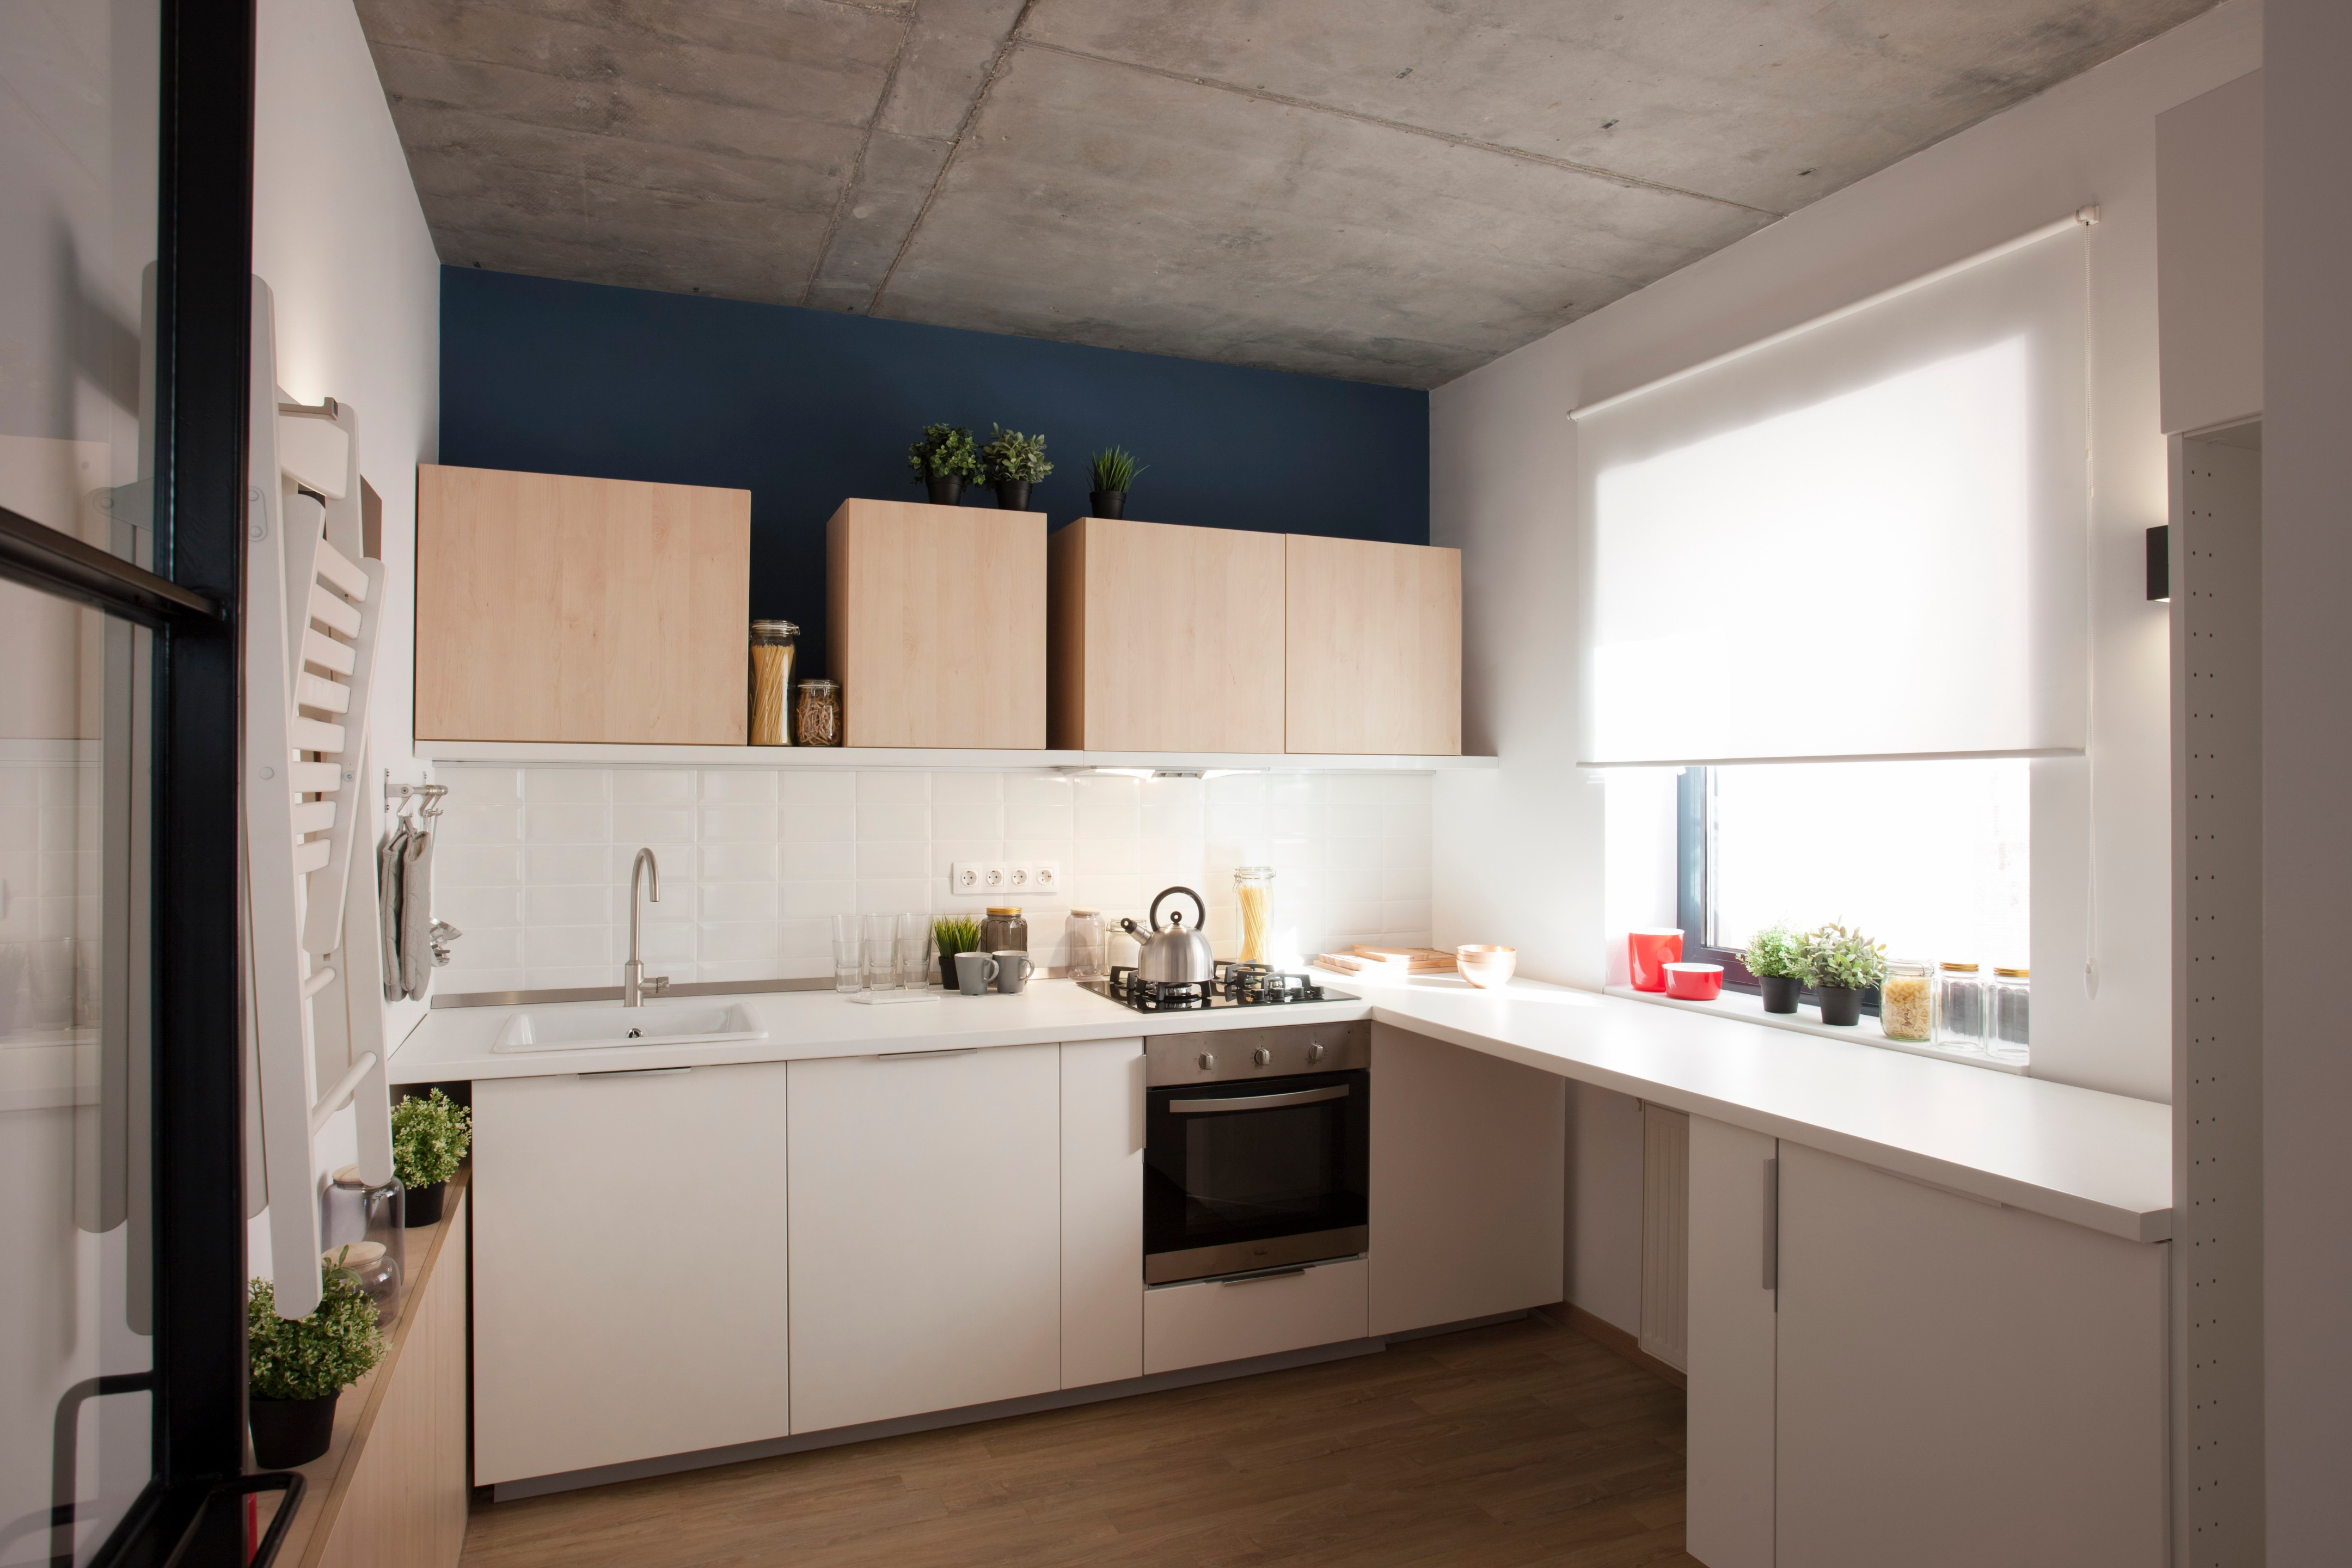 Giải pháp thông minh cho căn hộ có diện tích nhỏ - Ảnh 9.